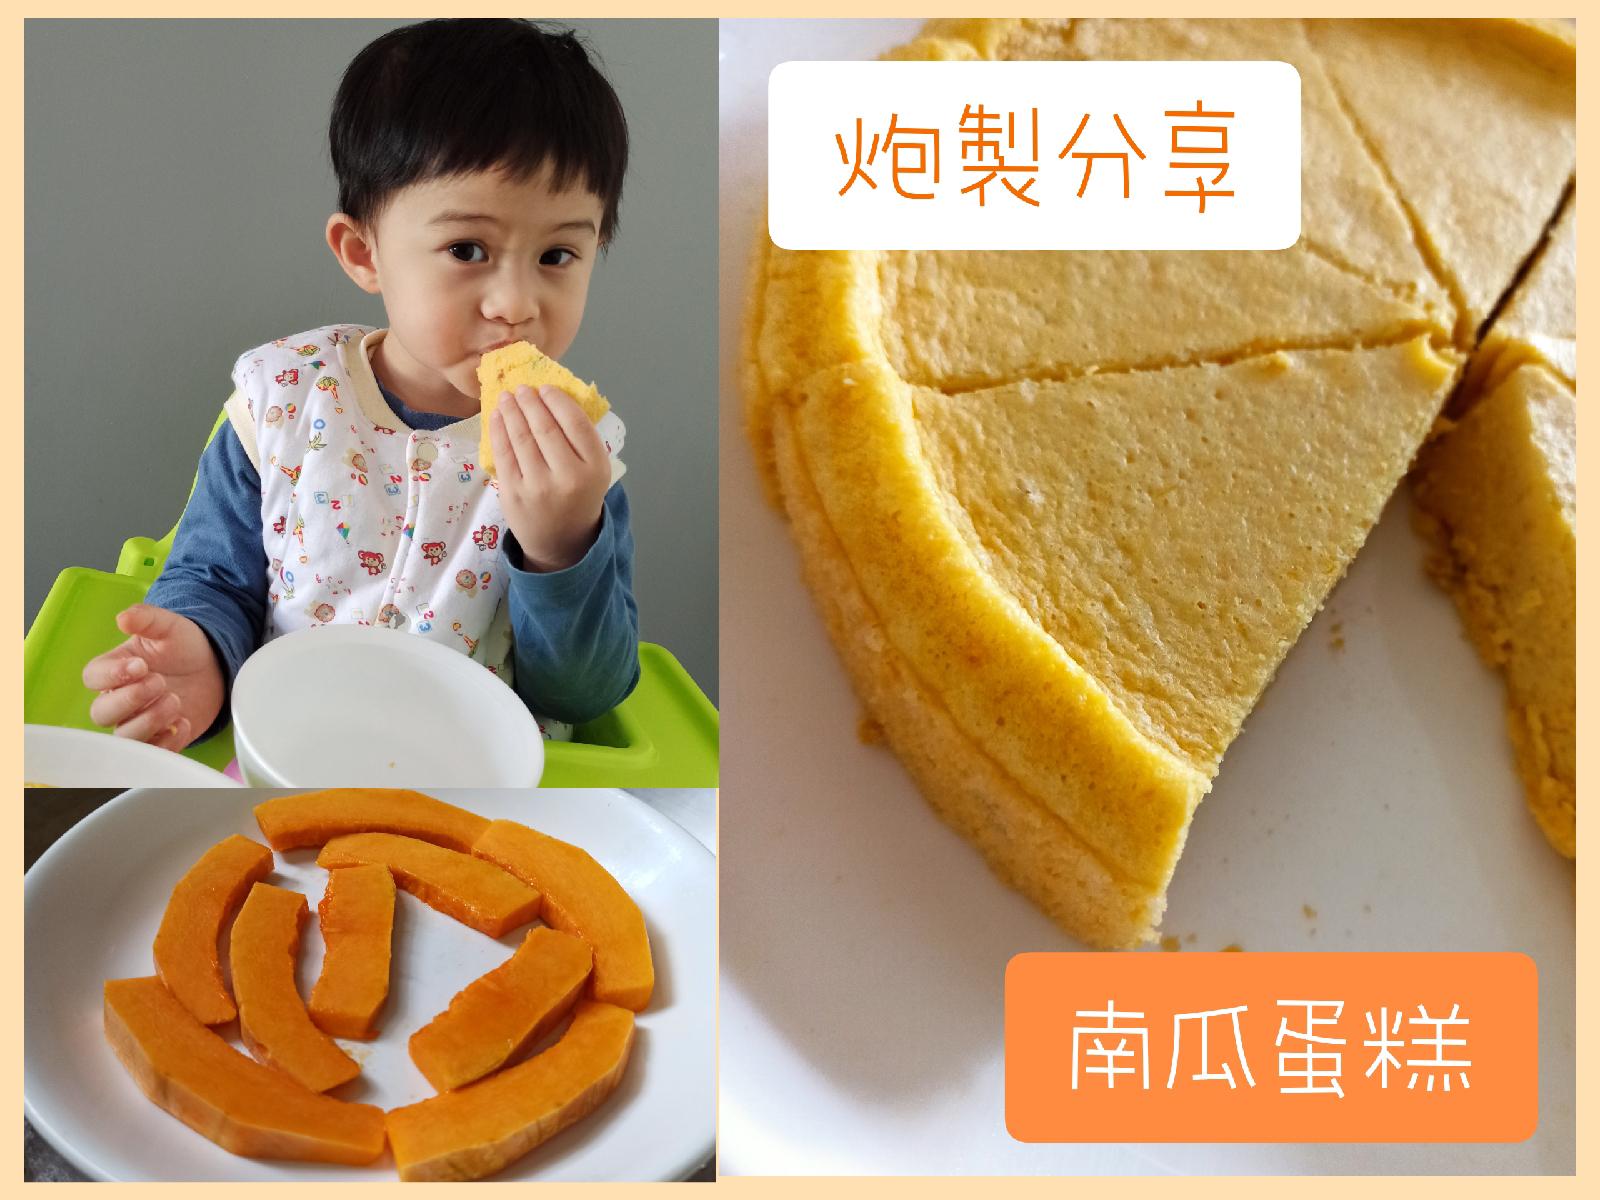 【食譜分享】 健康無糖!蒸出軟綿綿南瓜蛋糕!